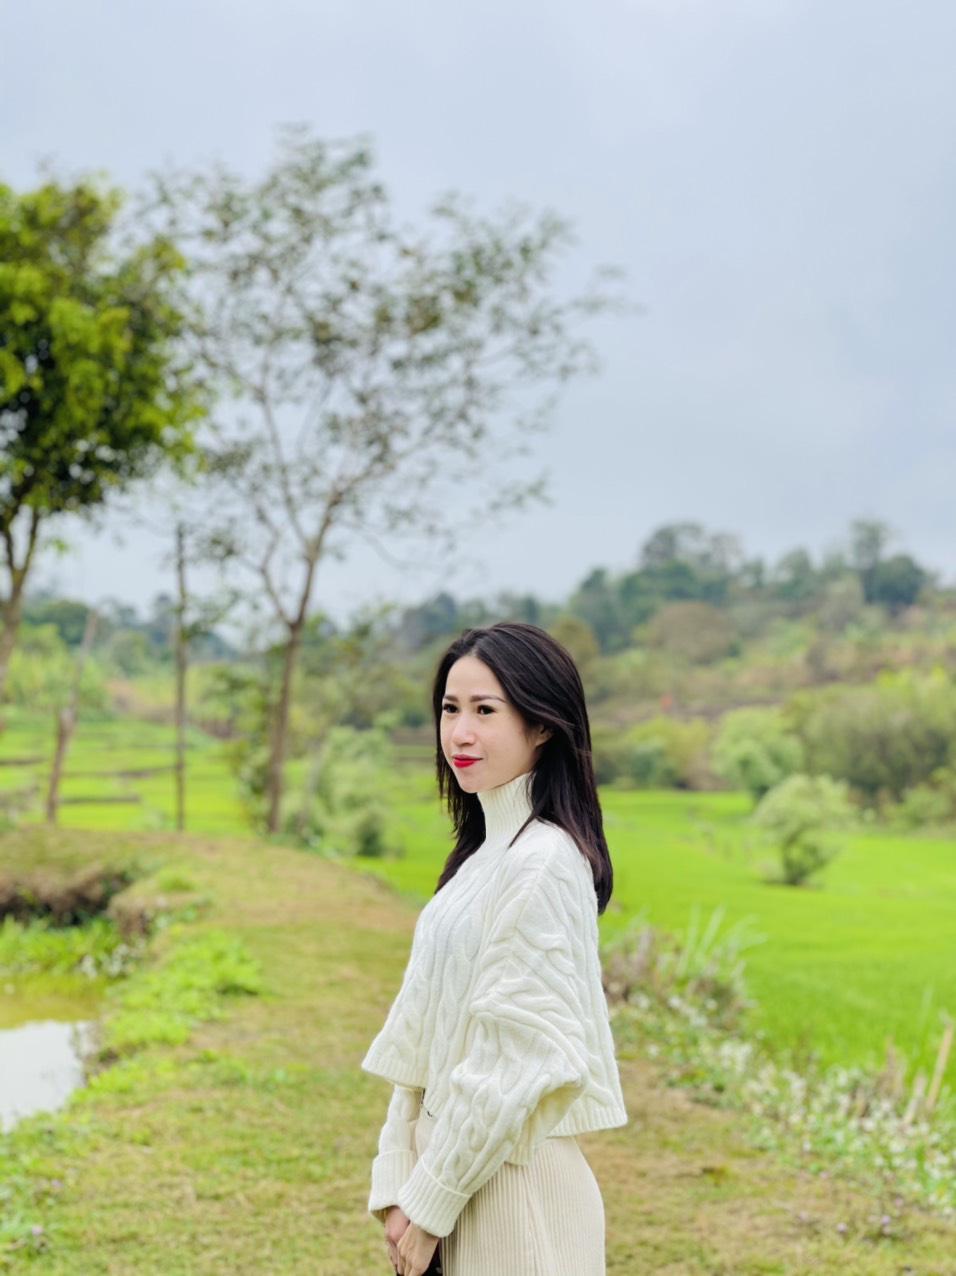 Huyền Mỹ Shop - Thổi làn gió mới vào thị trường thời trang Việt - Ảnh 2.